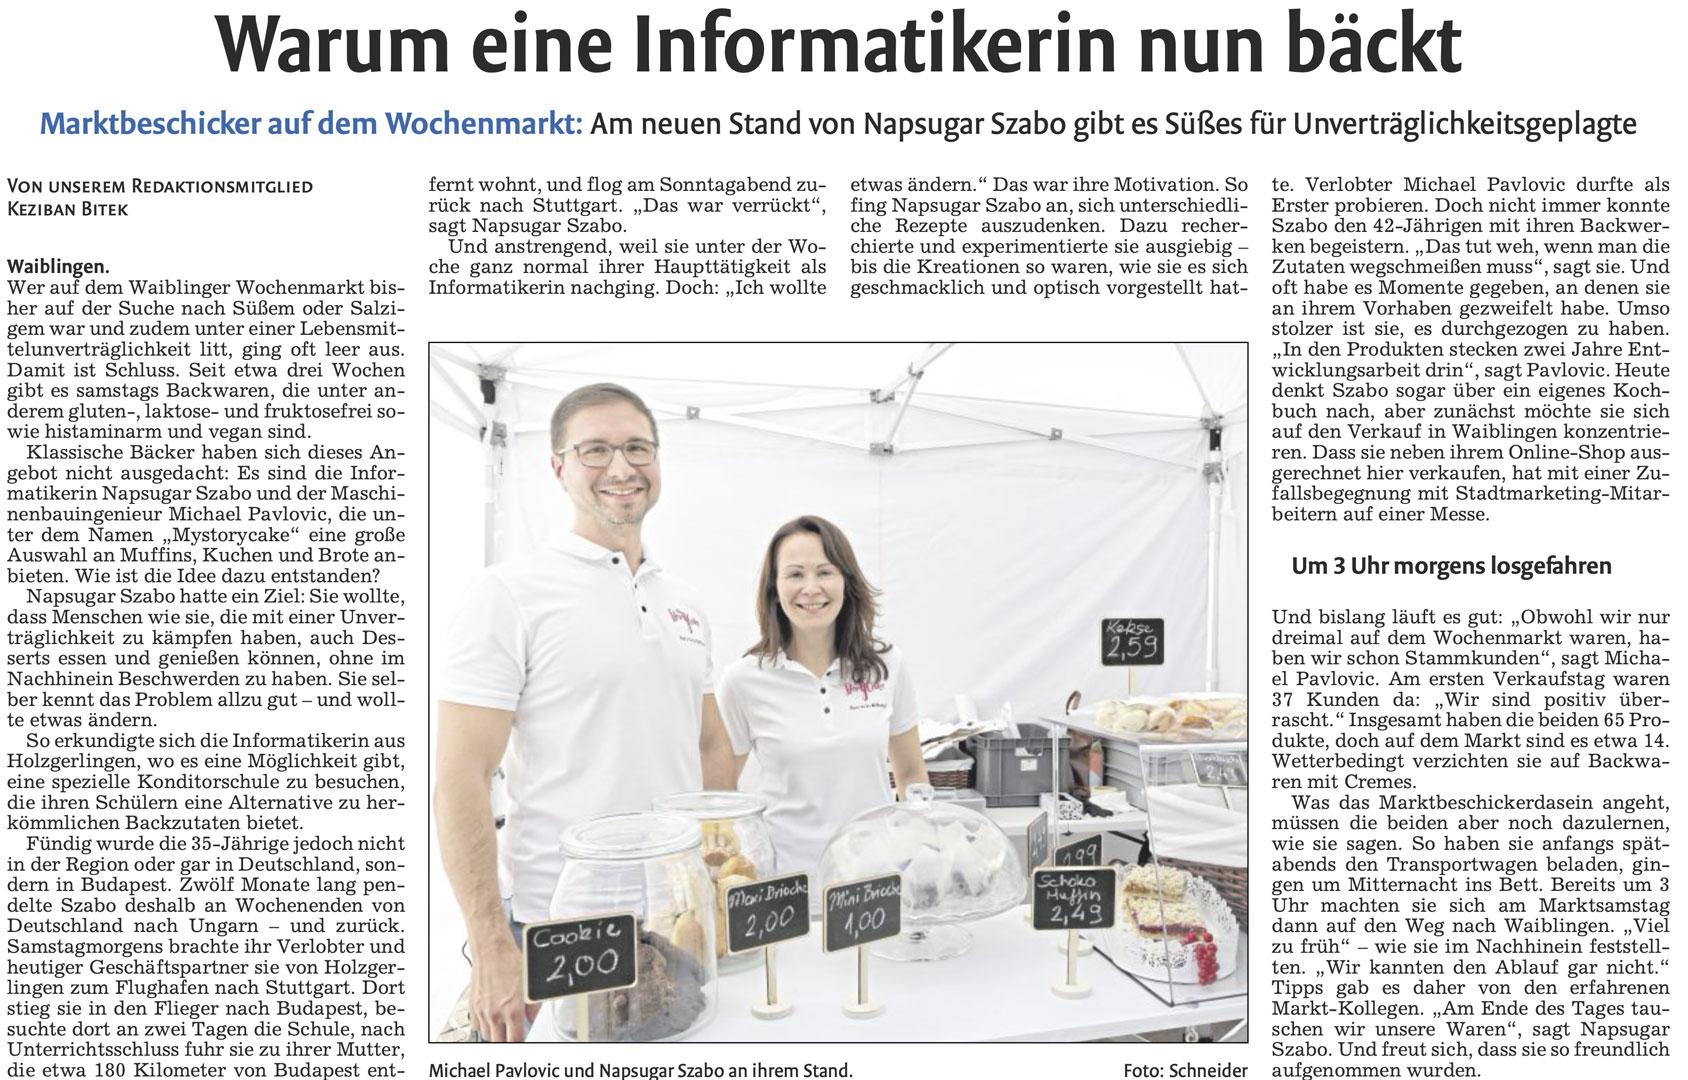 MyStoryCake-in-der-Waiblinger-Zeitung